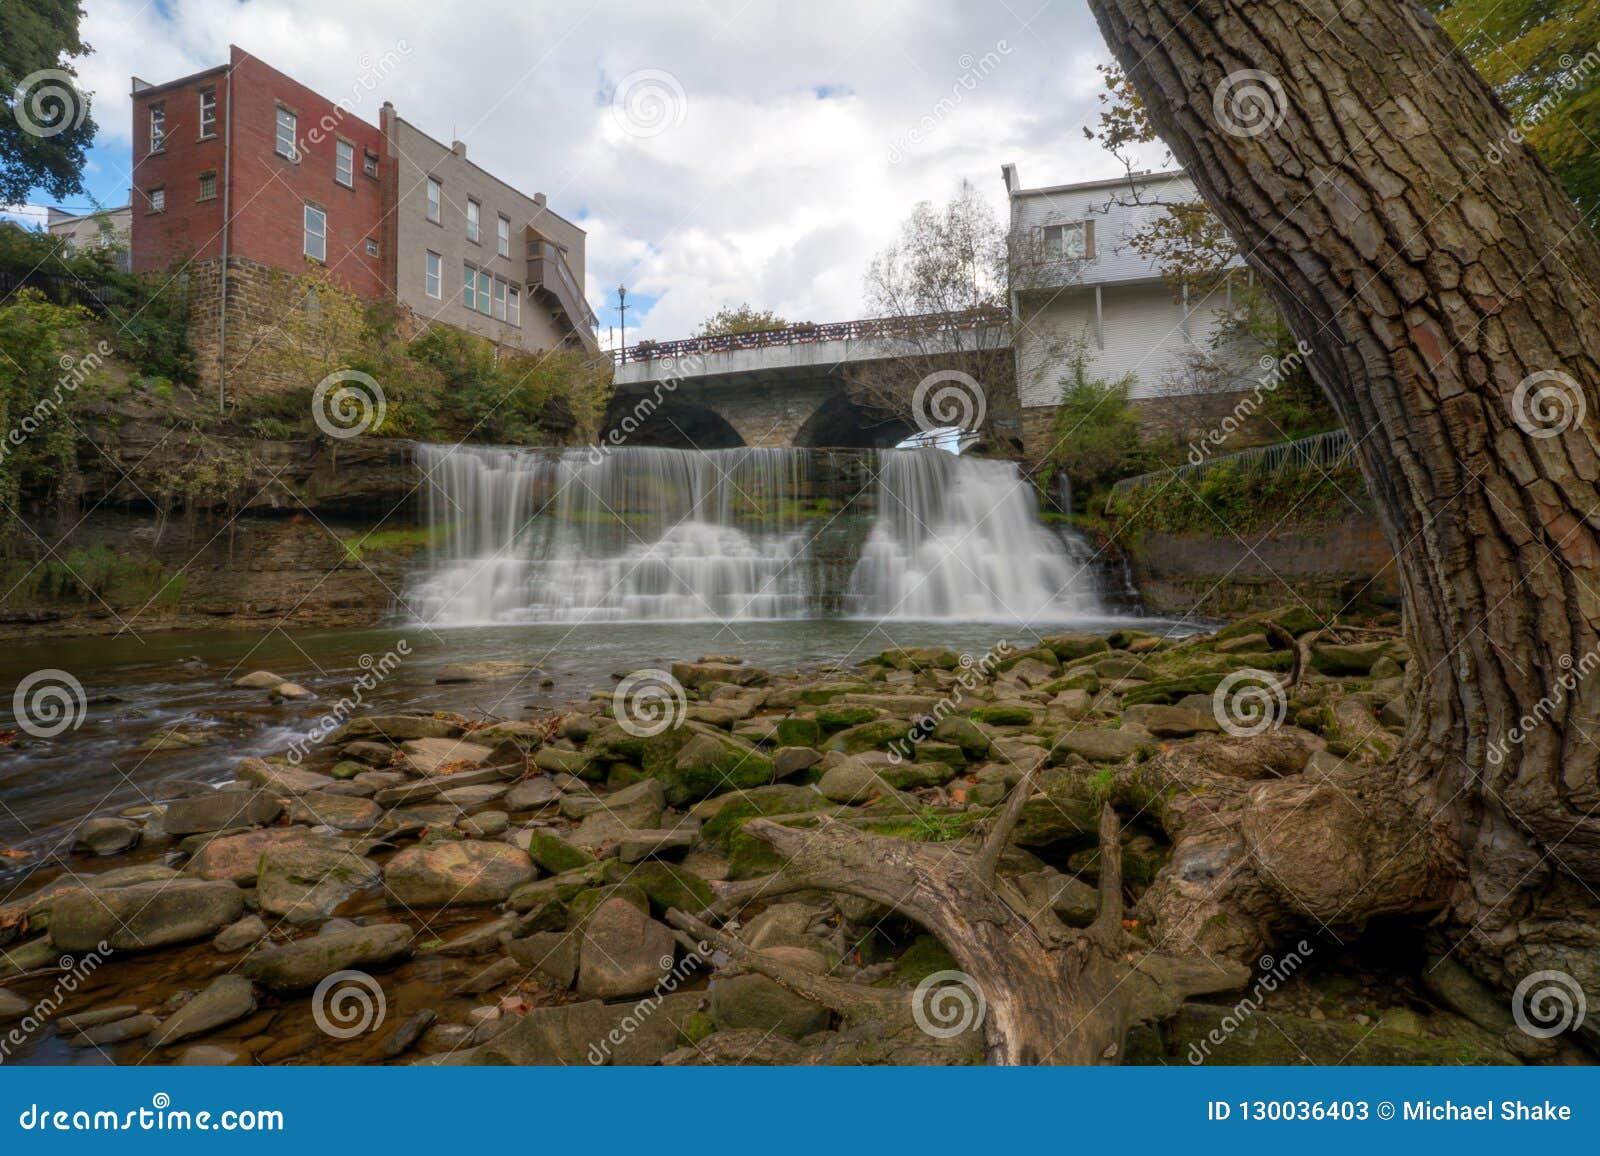 Chagrin Falls Ohio Waterfall